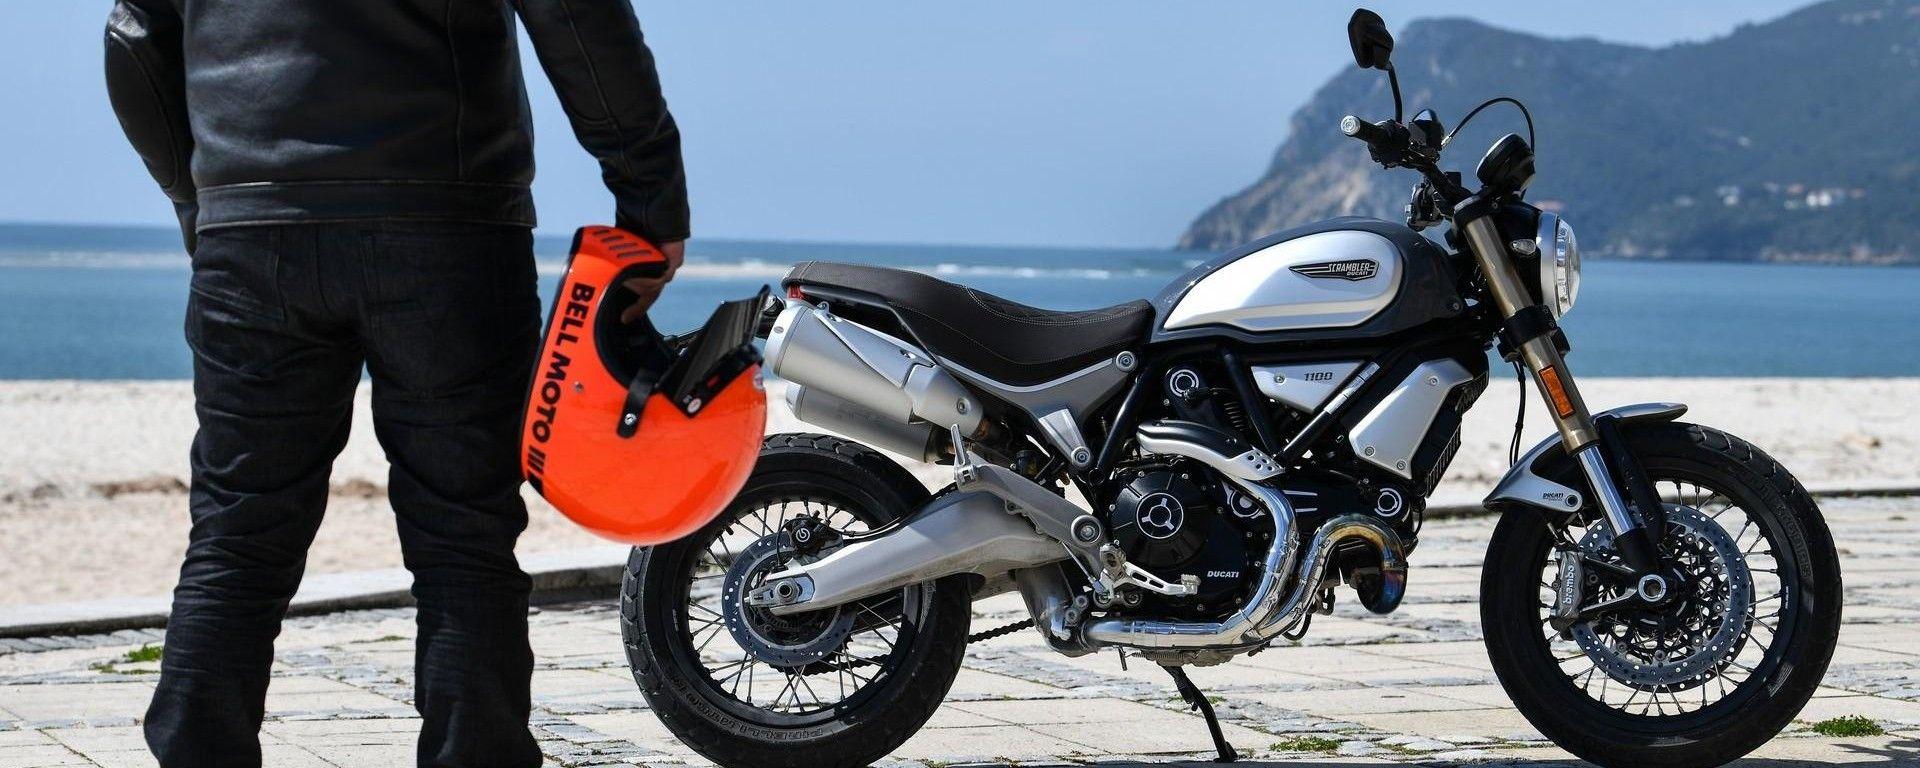 Consigli di guida: preparare moto e pilota al grande caldo